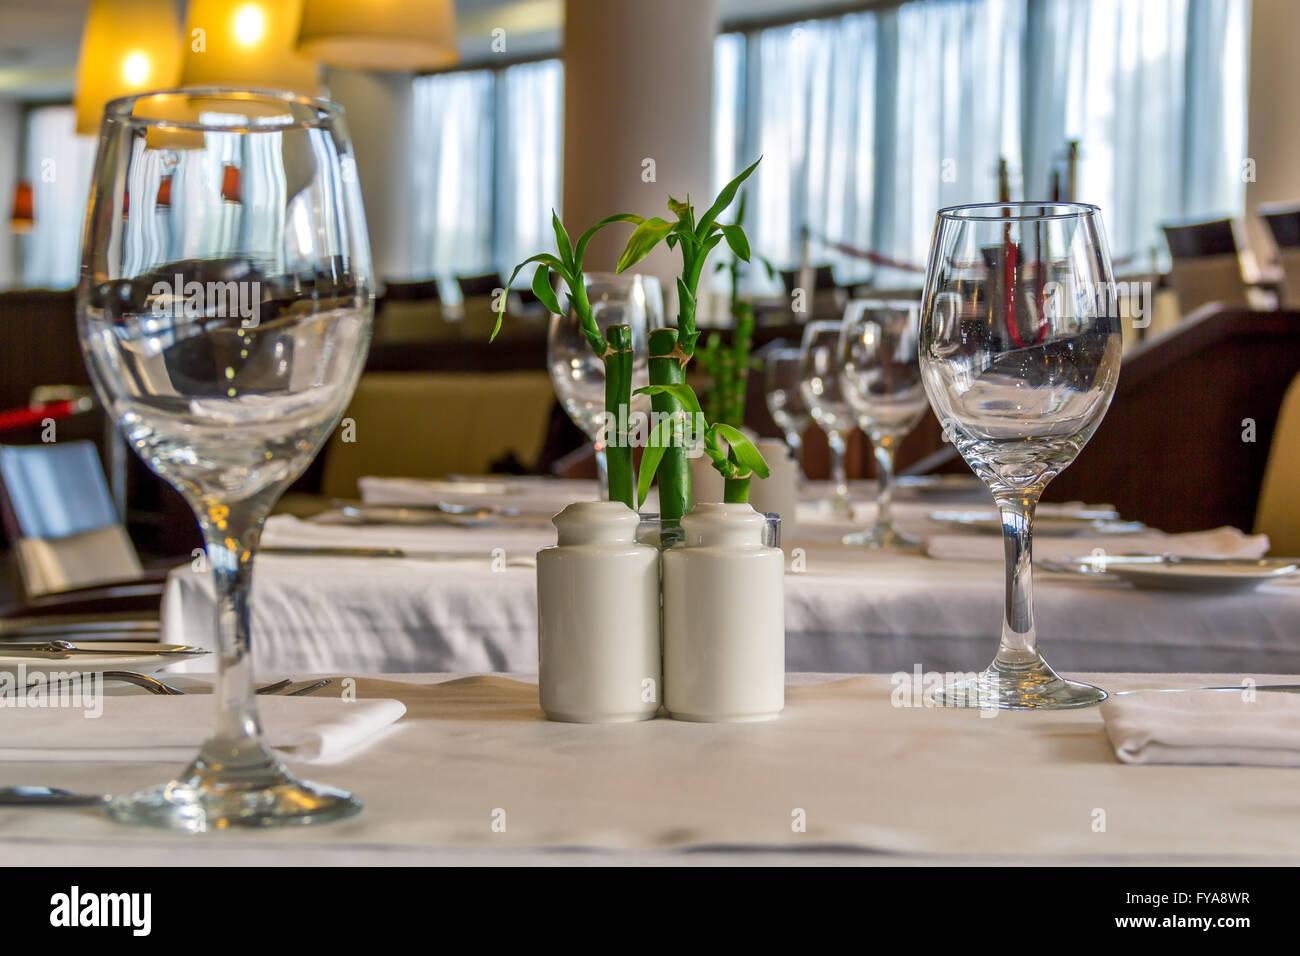 Gehobene Küche in einem feinen restaurant Stockbild